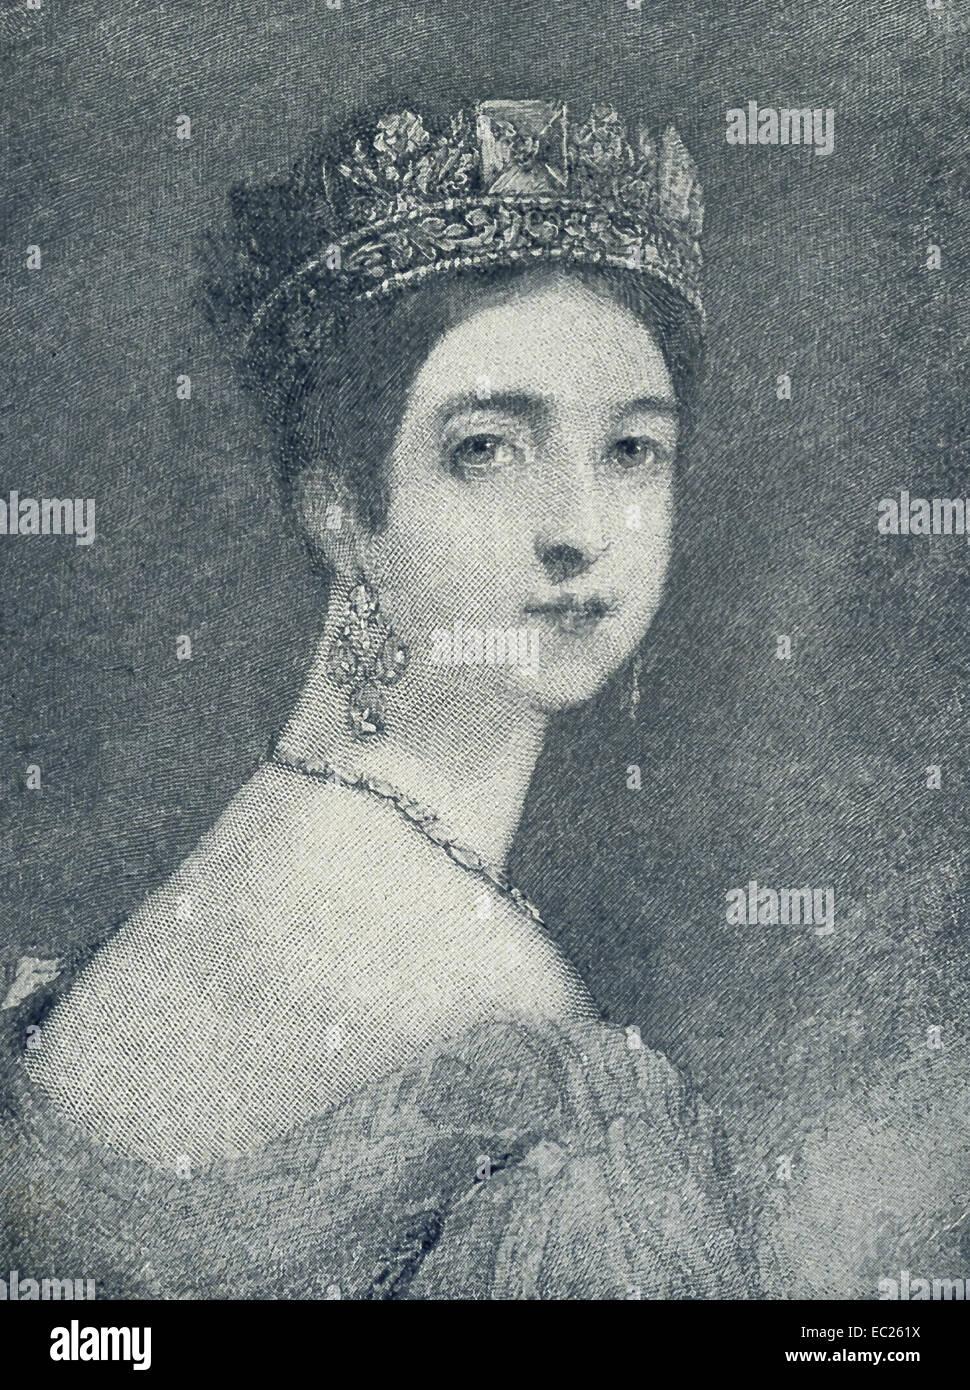 La reine Victoria (1819-1901) est monté sur le trône d'Angleterre en 1837 et régna jusqu'à Photo Stock